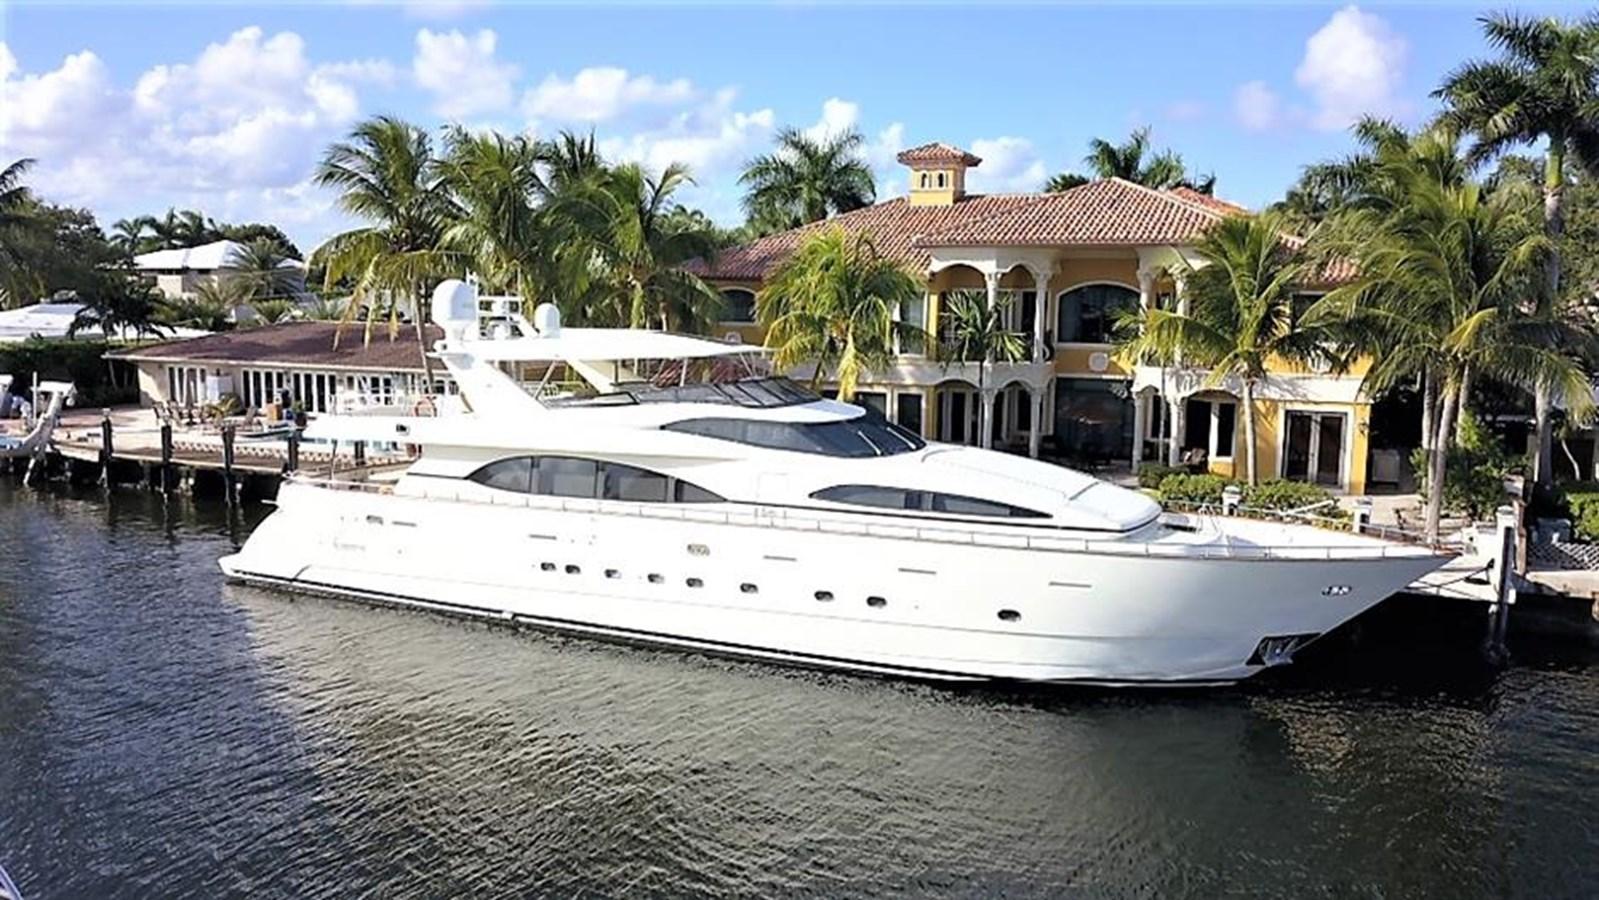 Carobelle yacht for sale